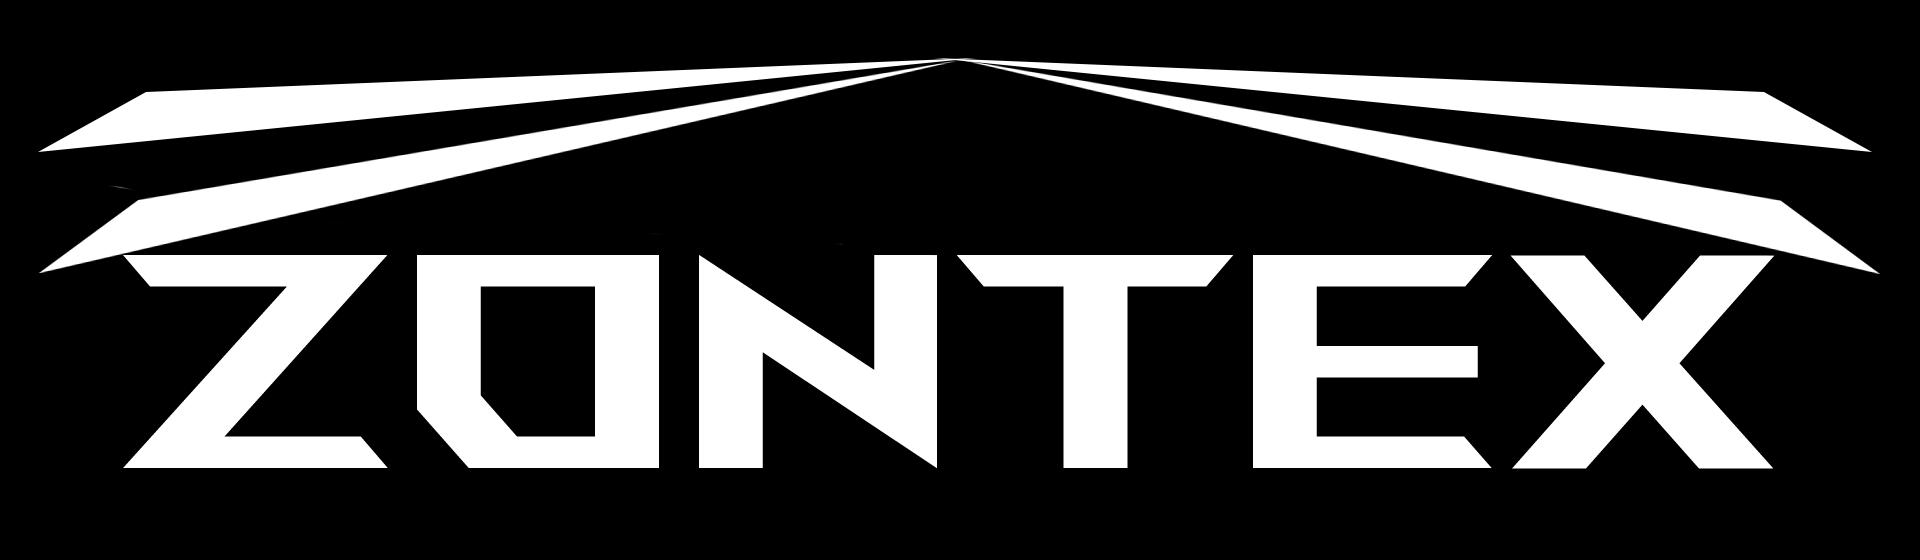 Логотип для интернет проекта фото f_9135a2838cbf2339.png